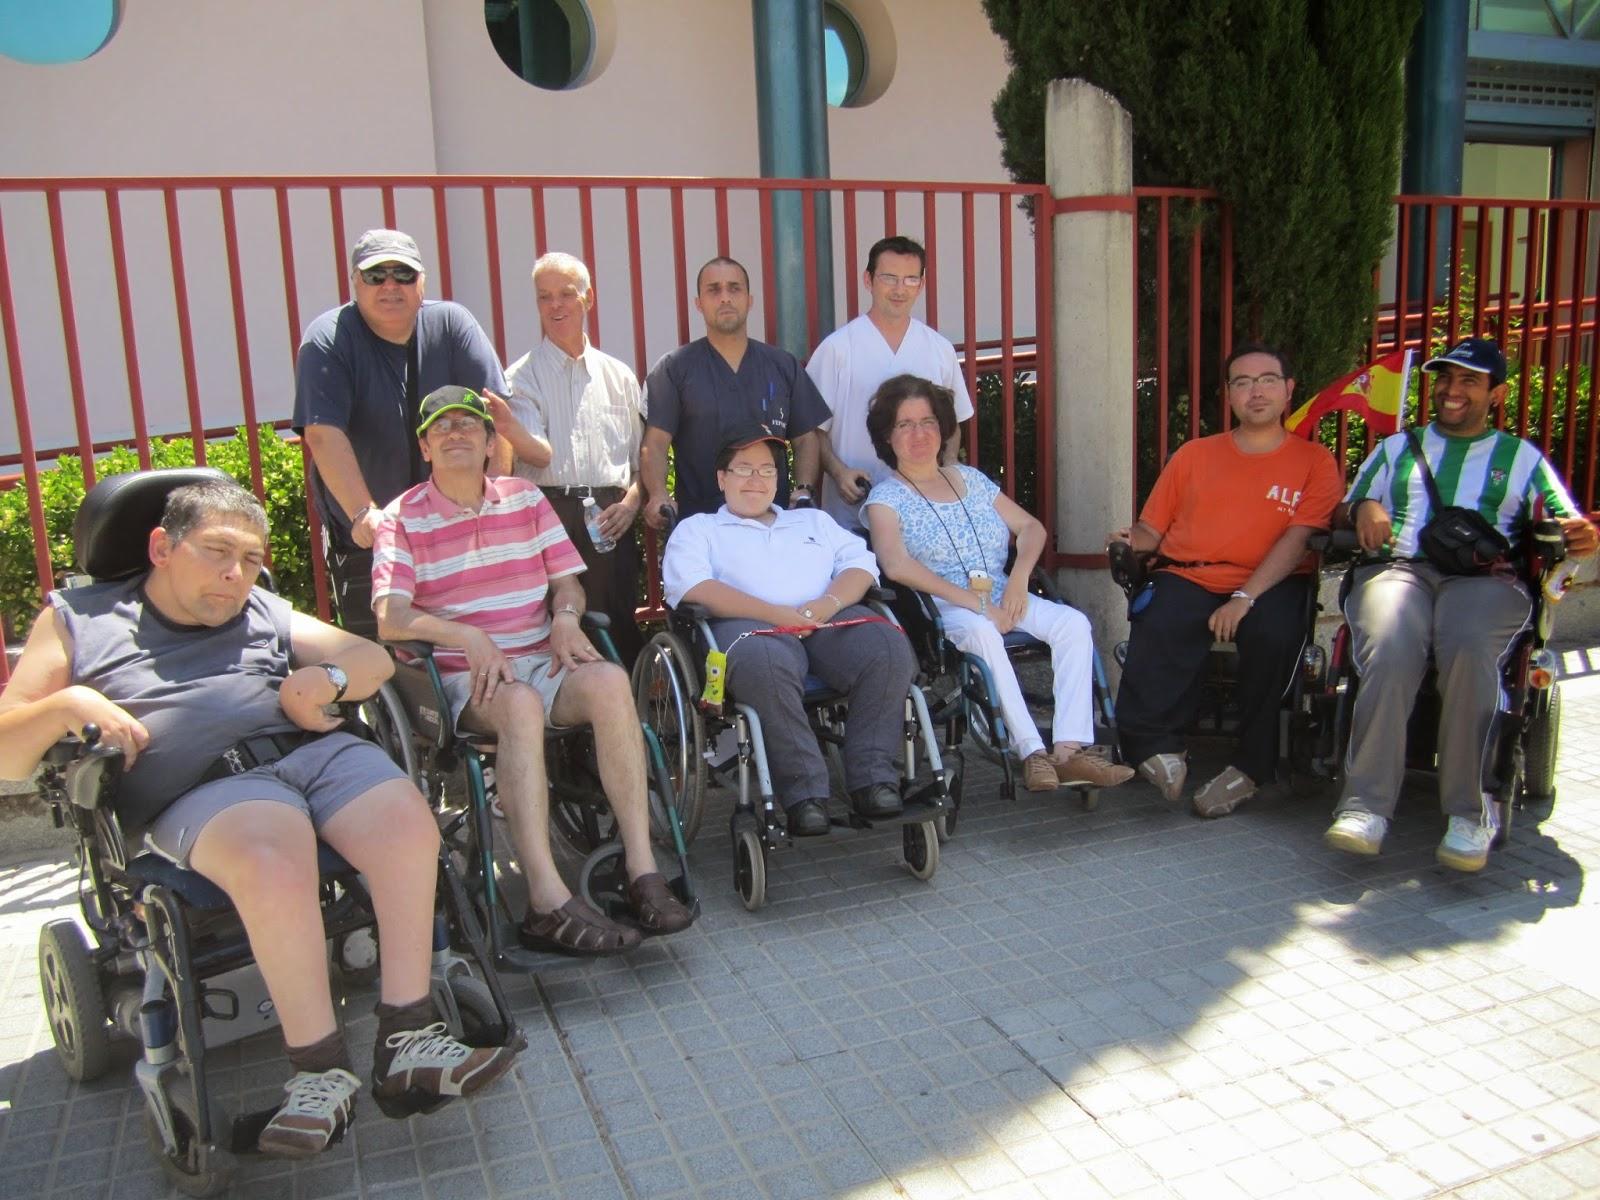 En la puerta de la Unidad de día de FEPAMIC se fotografían 8 de los participantes junto con las 3 personas que han ayudado durante la salida.